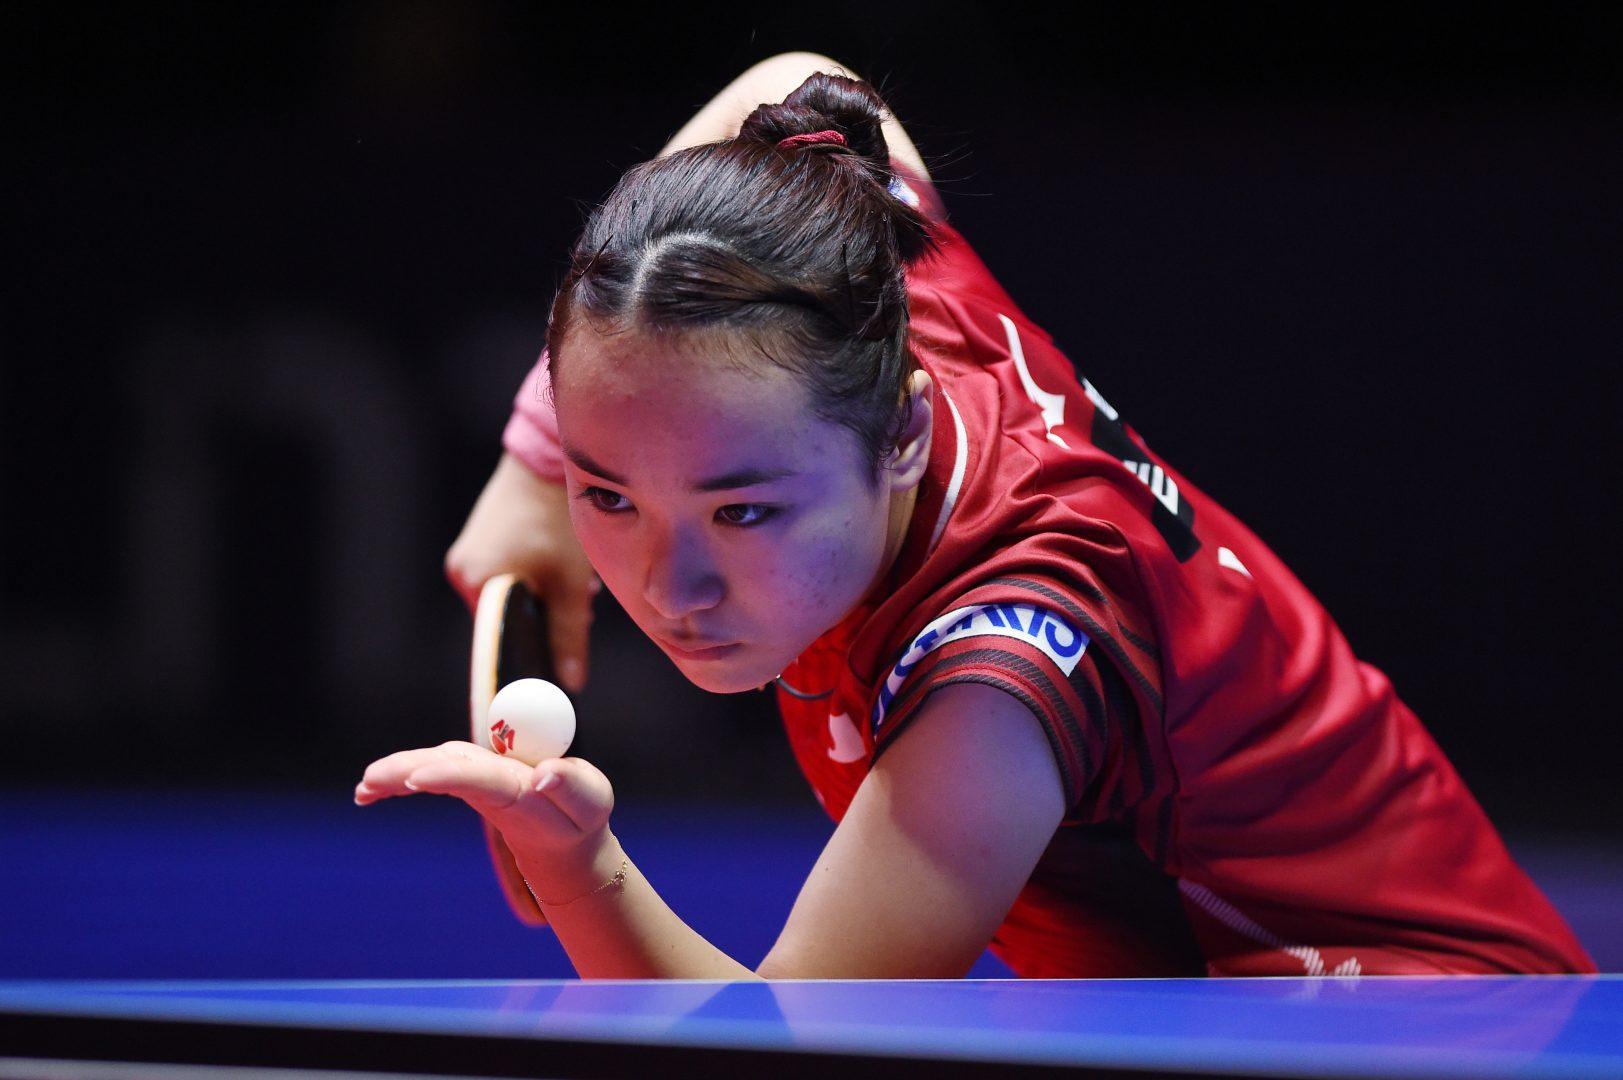 【卓球】伊藤美誠、東京五輪代表へ 世界ランキング選考基準満たす